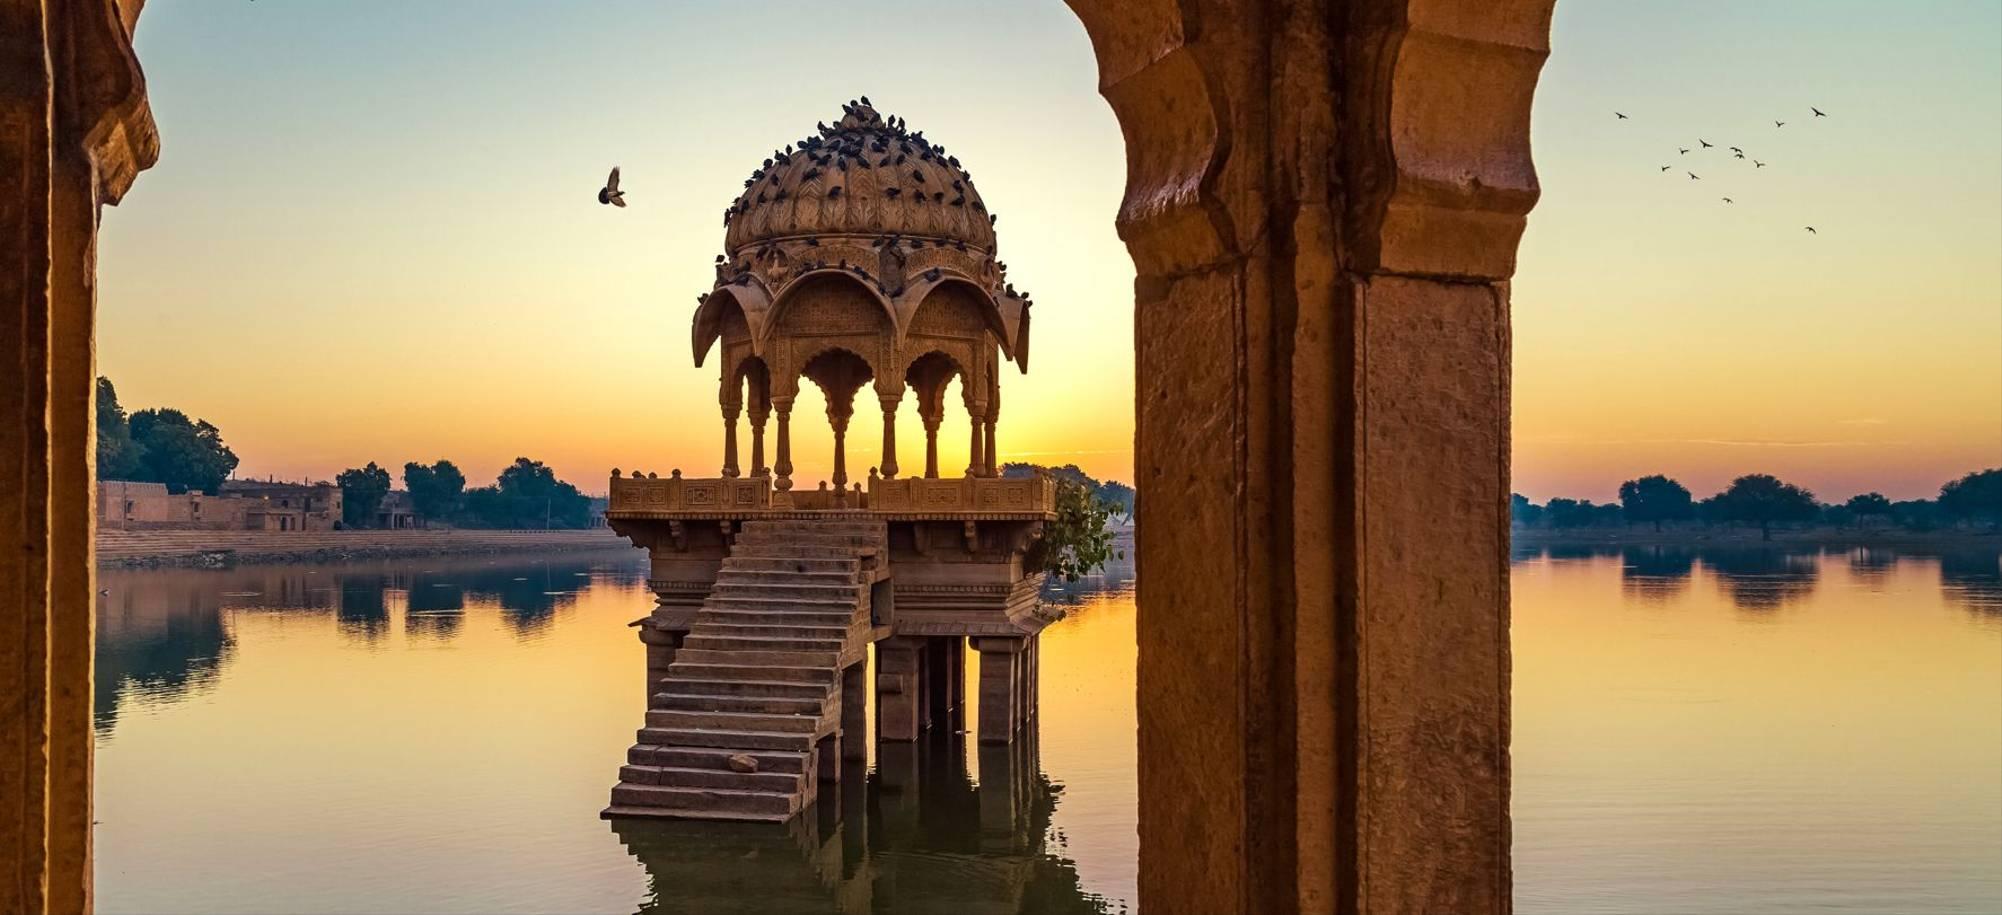 20 Day - Jaisalmer, Jaisalmer fort - Itinerary Desktop.jpg